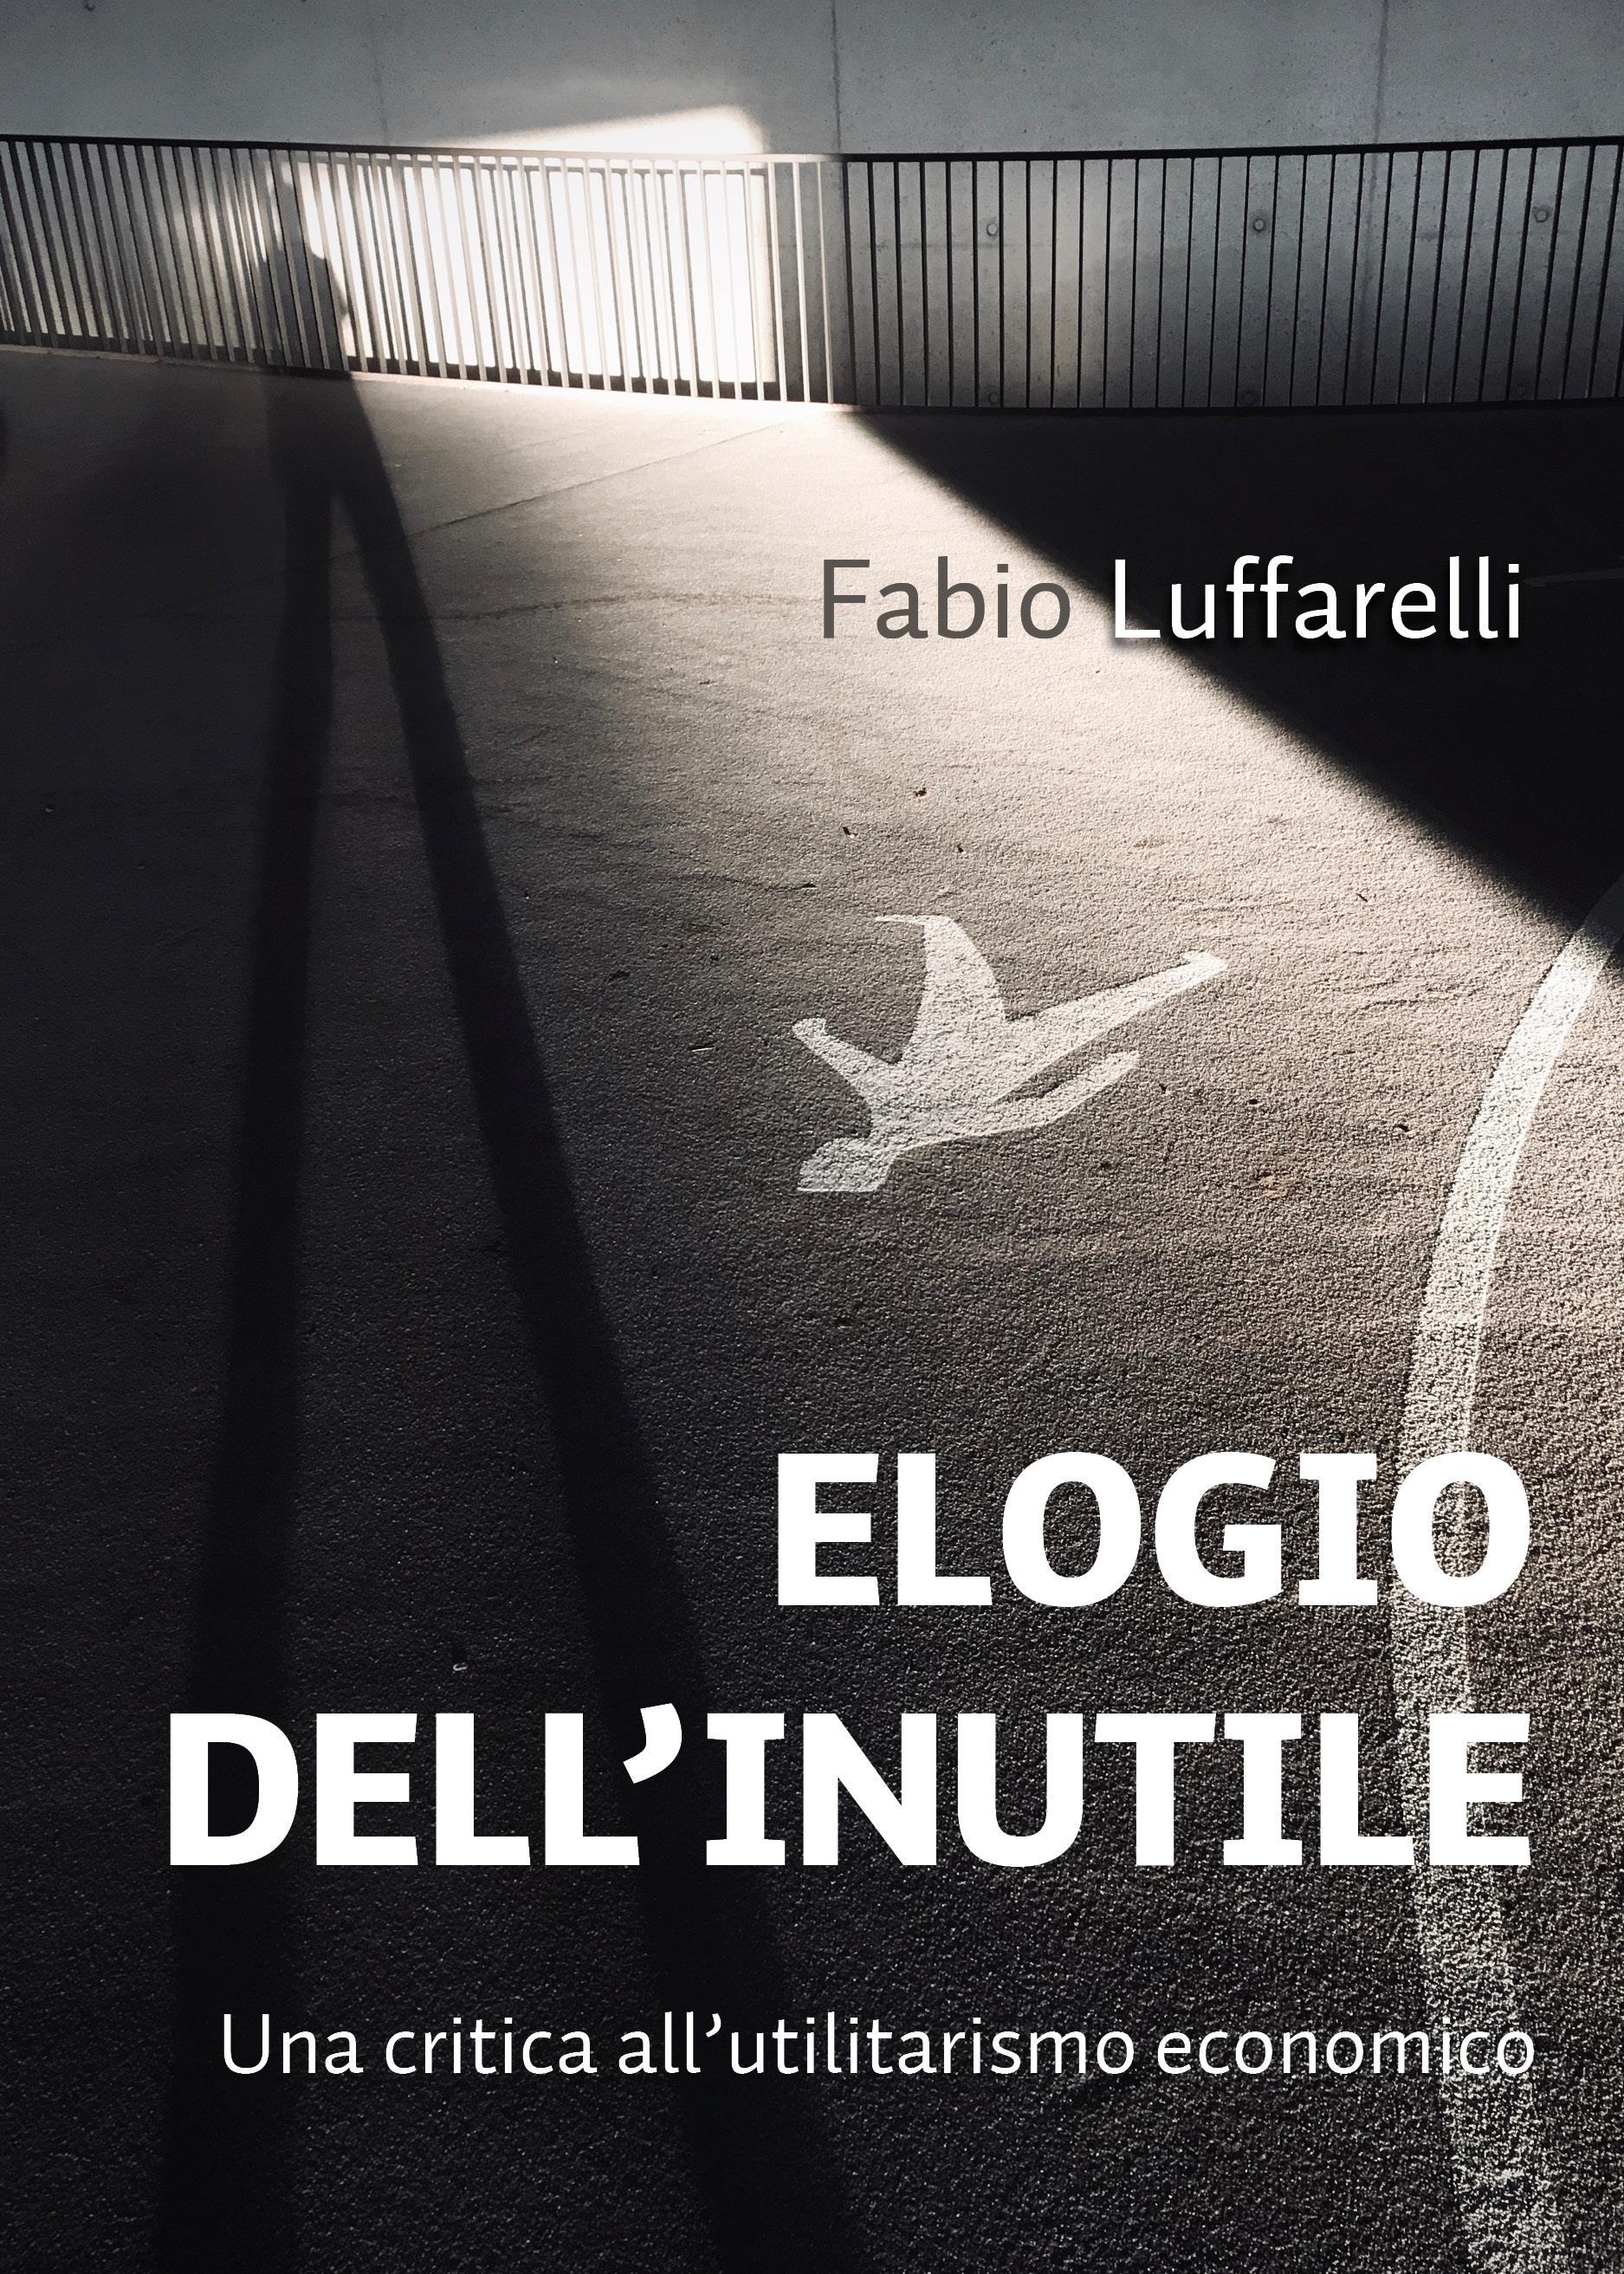 ELOGIO DELL'INUTILE, critica all'utilitarismo economico